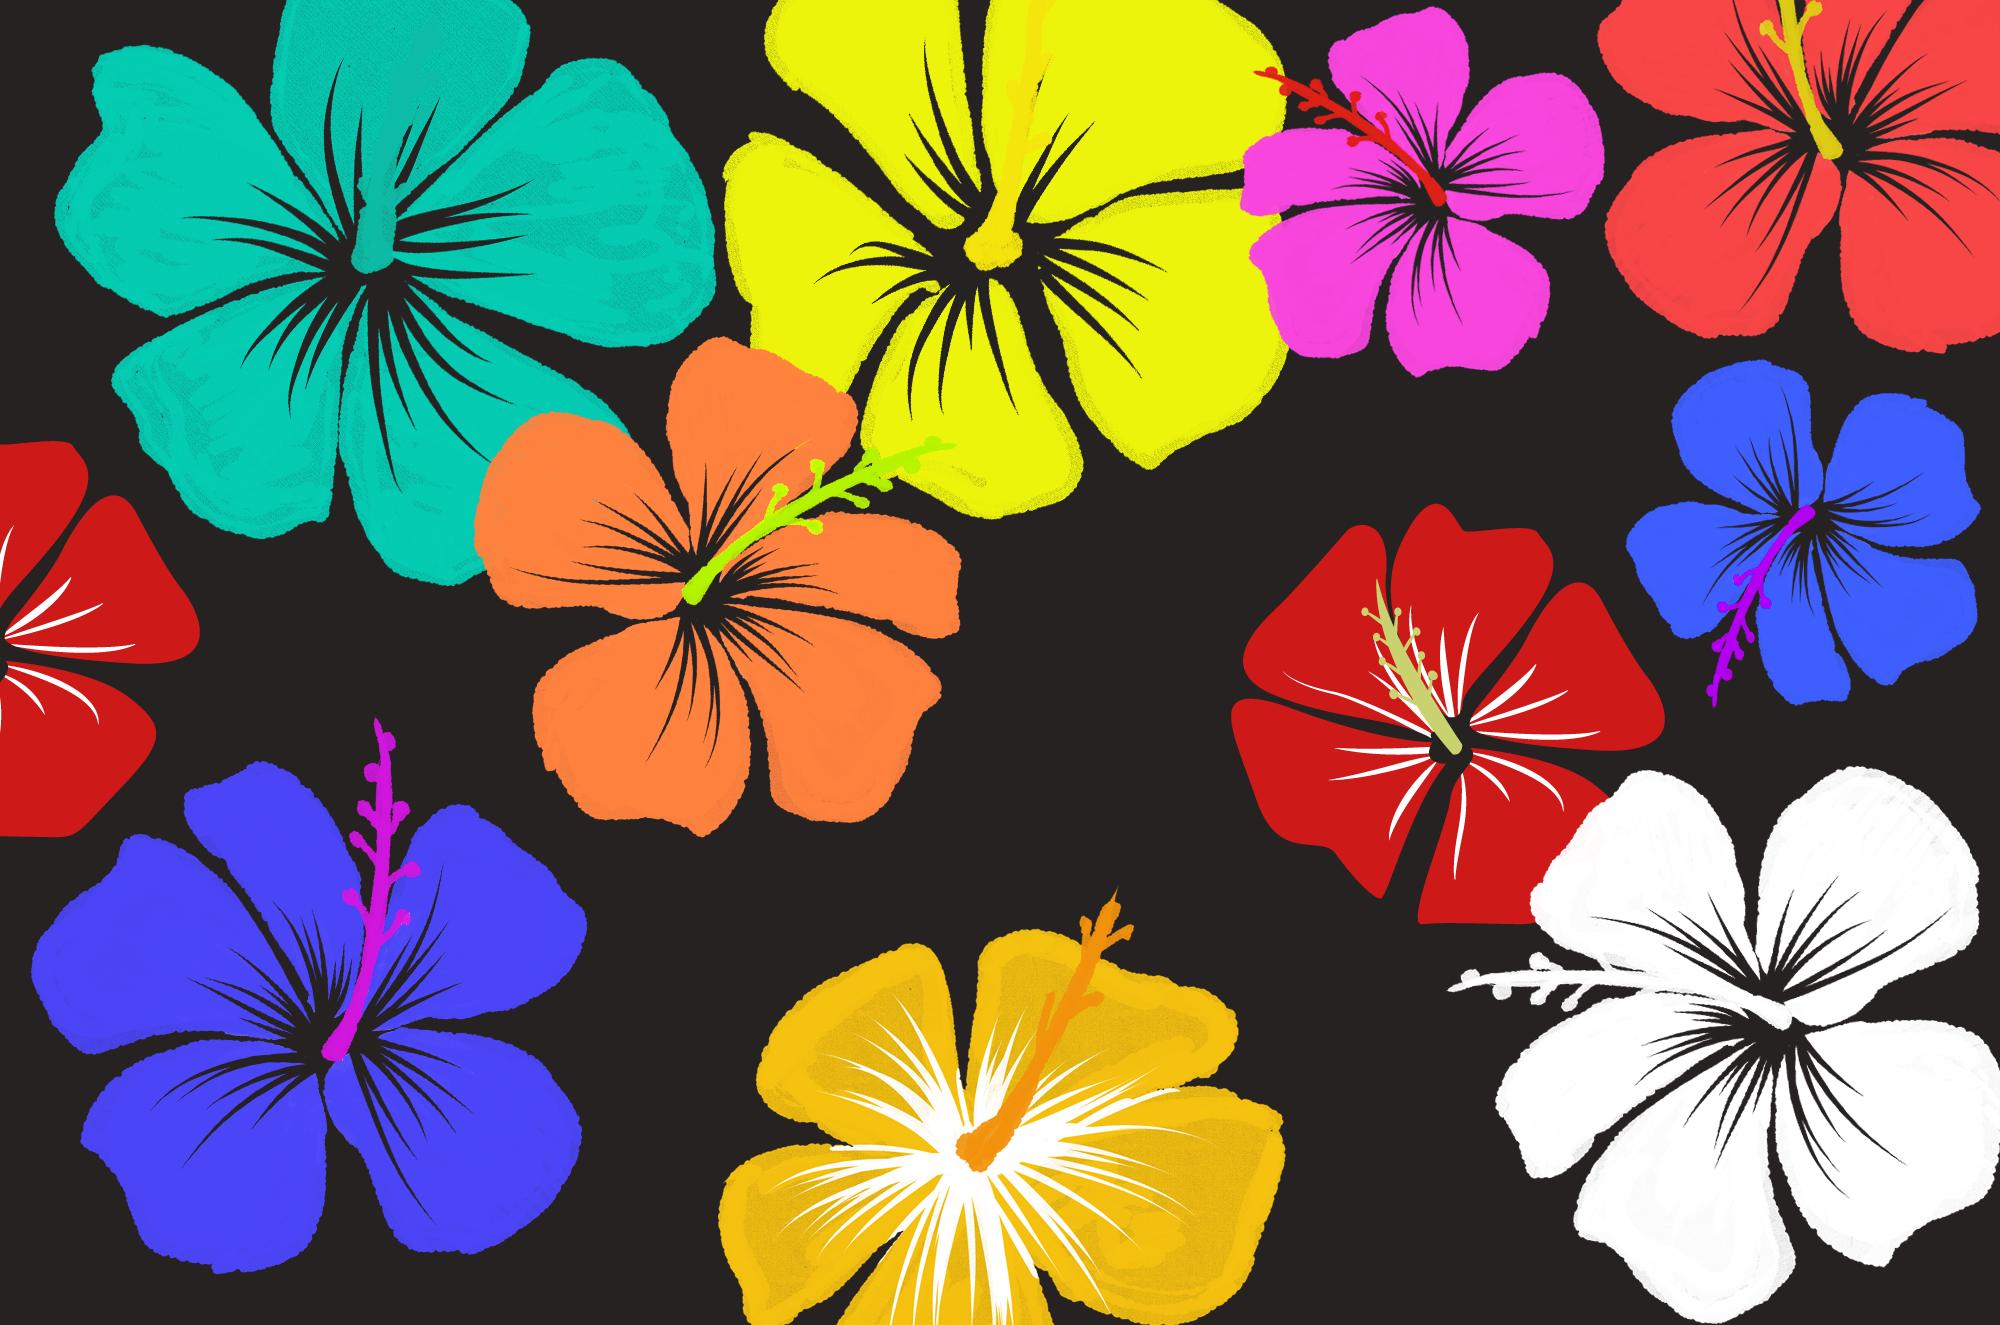 ハイビスカスイラストとっても可愛い花の素材沖縄と暖かい南国の海を